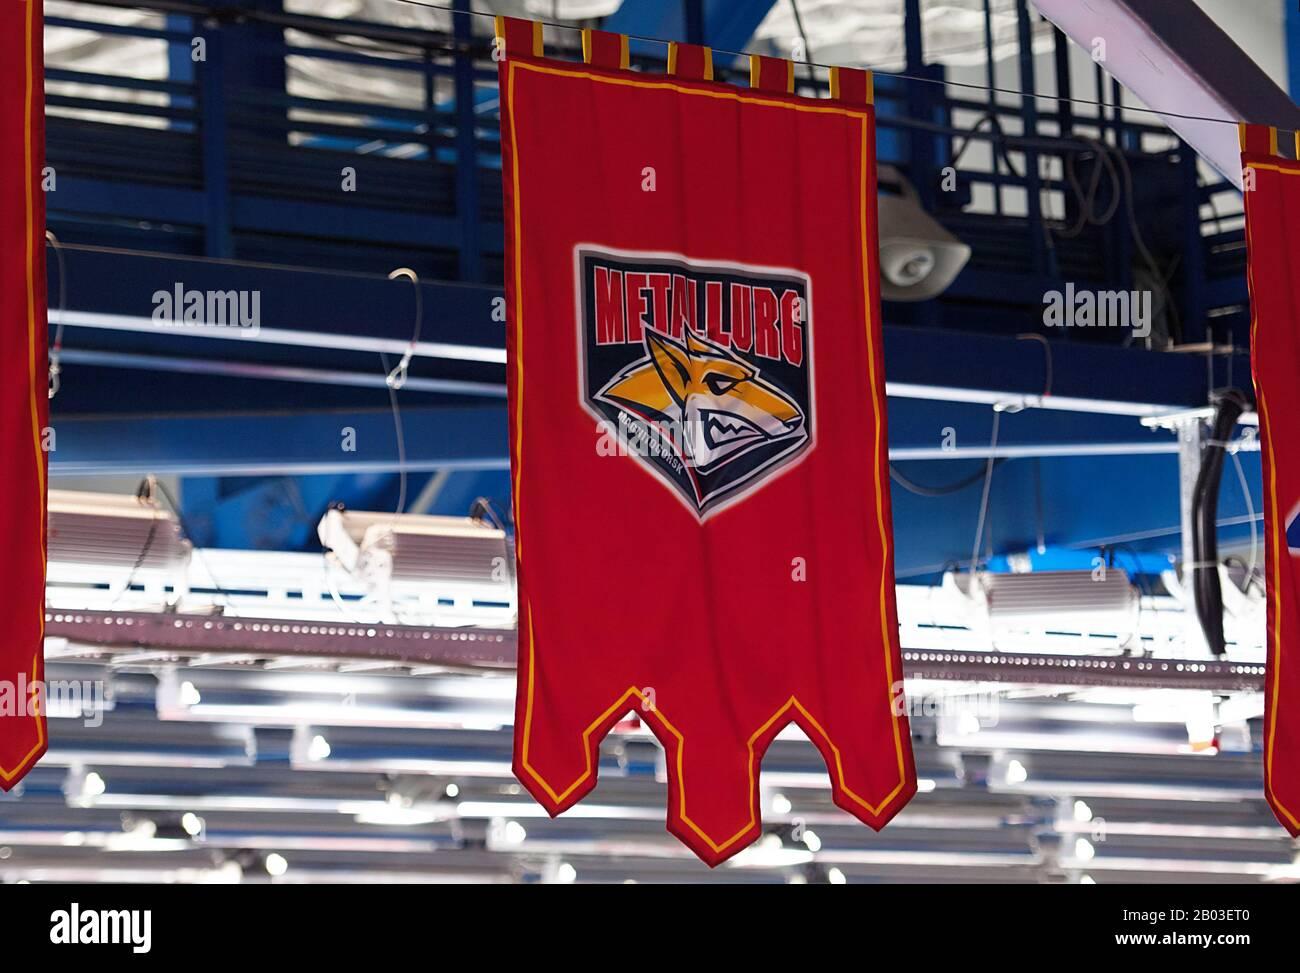 Podolsk, RUSSLAND - 25. JANUAR 2020: Wimpel der Metallurg-Mannschaft beim Eishockeyspiel Vityaz vs. Lokomotiv bei der russischen KHL-Meisterschaft in Podolsk, Russland. Lokomotiv gewann 5:2 Stockfoto